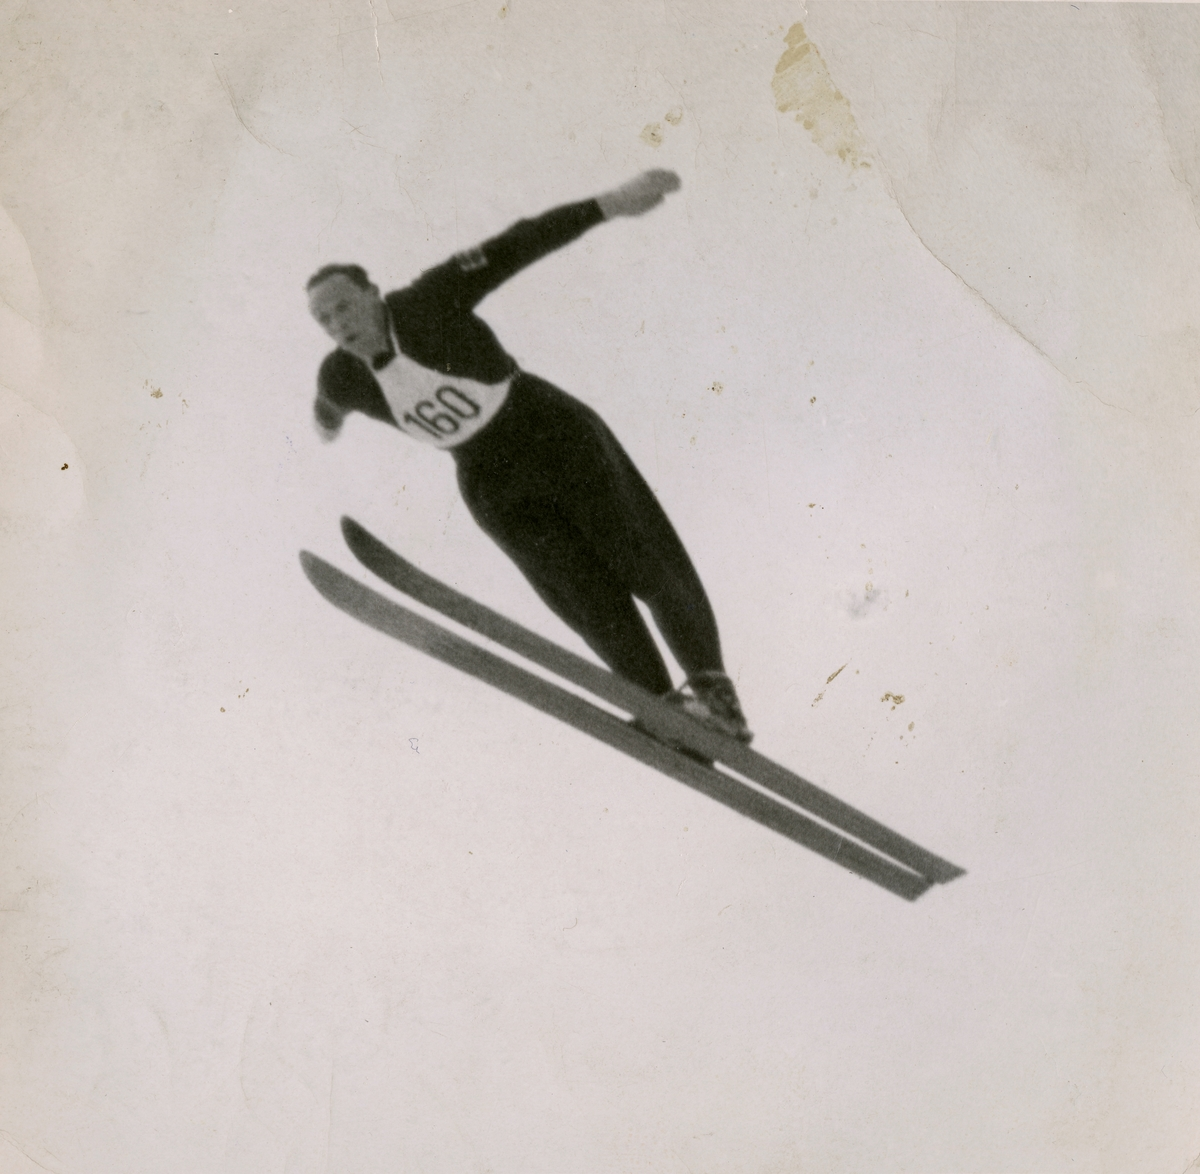 Norwegian skier Thorleif Schjelderup in action